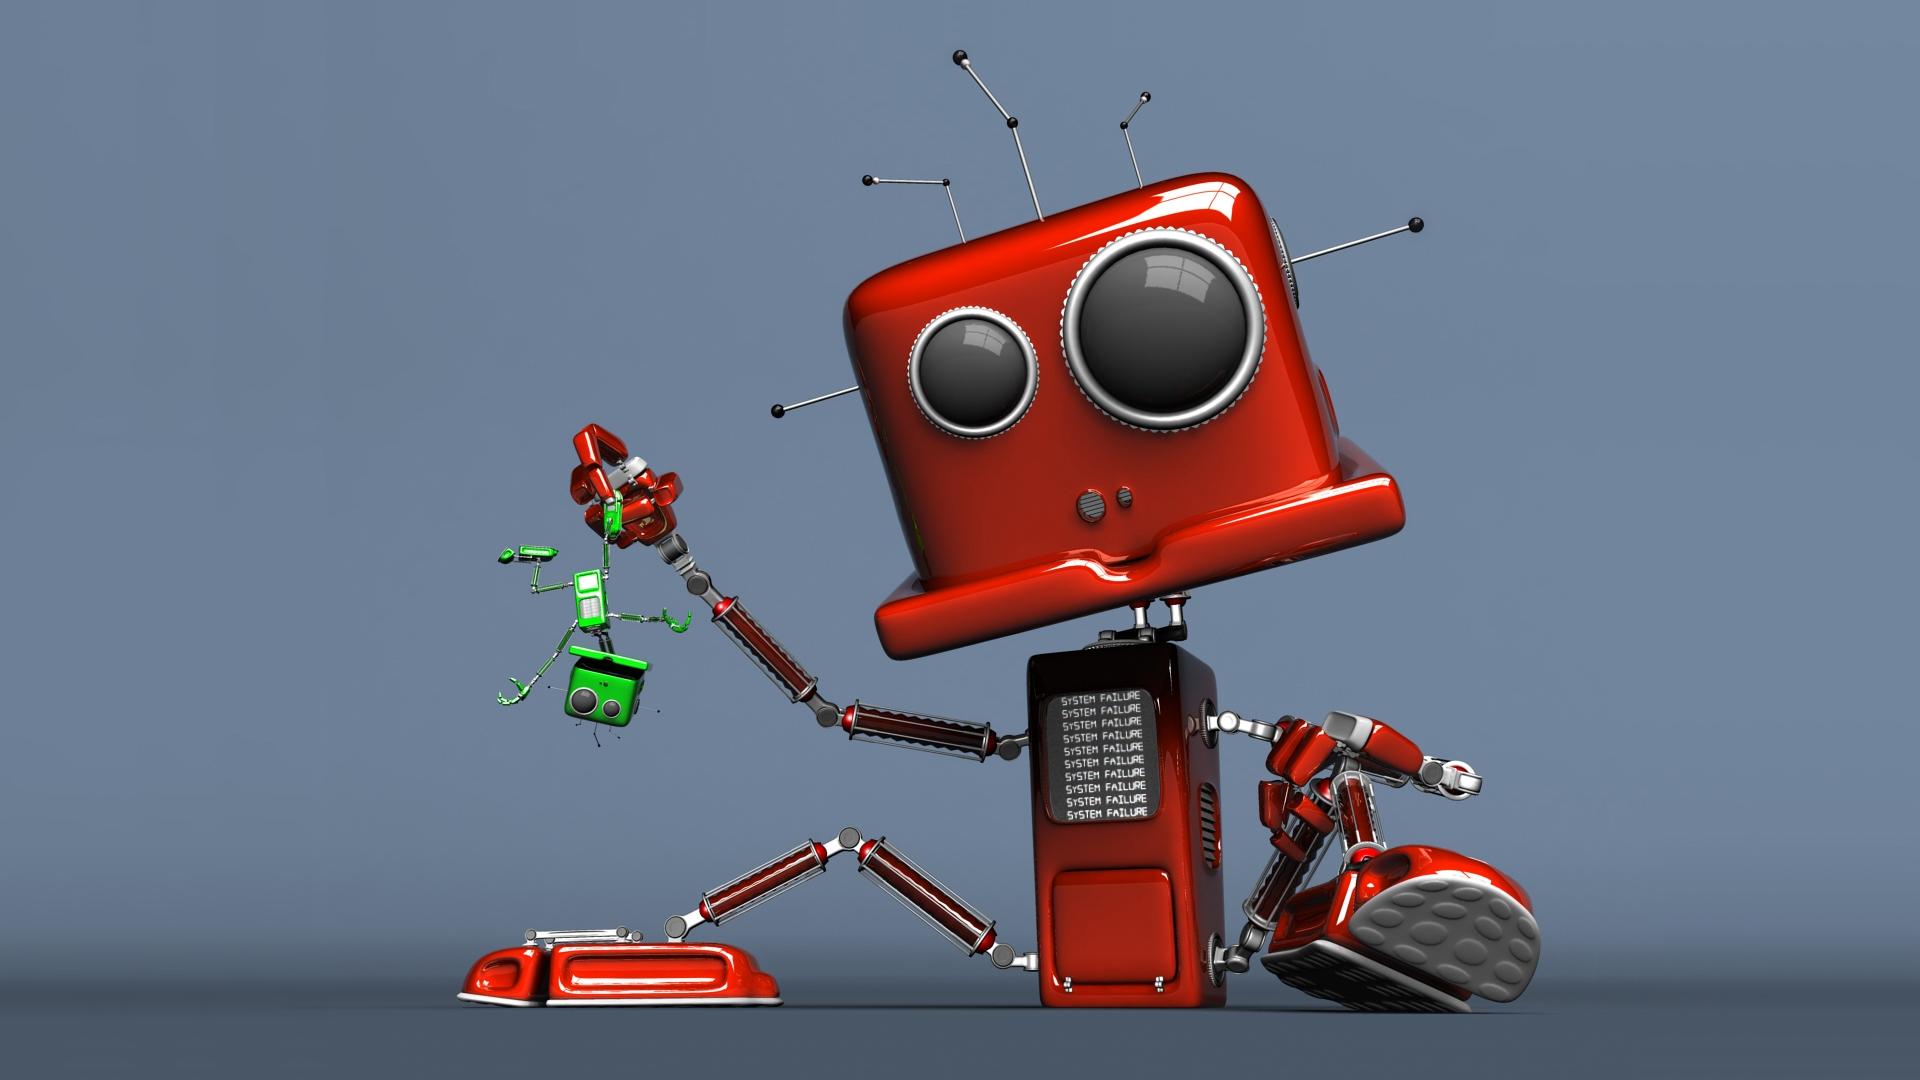 http://4.bp.blogspot.com/-JjHvw1UL544/UDJNVBGph4I/AAAAAAAAHZM/pOZi_0_Uc6c/s0/system-failure-1920x1080-wallpaper.jpg